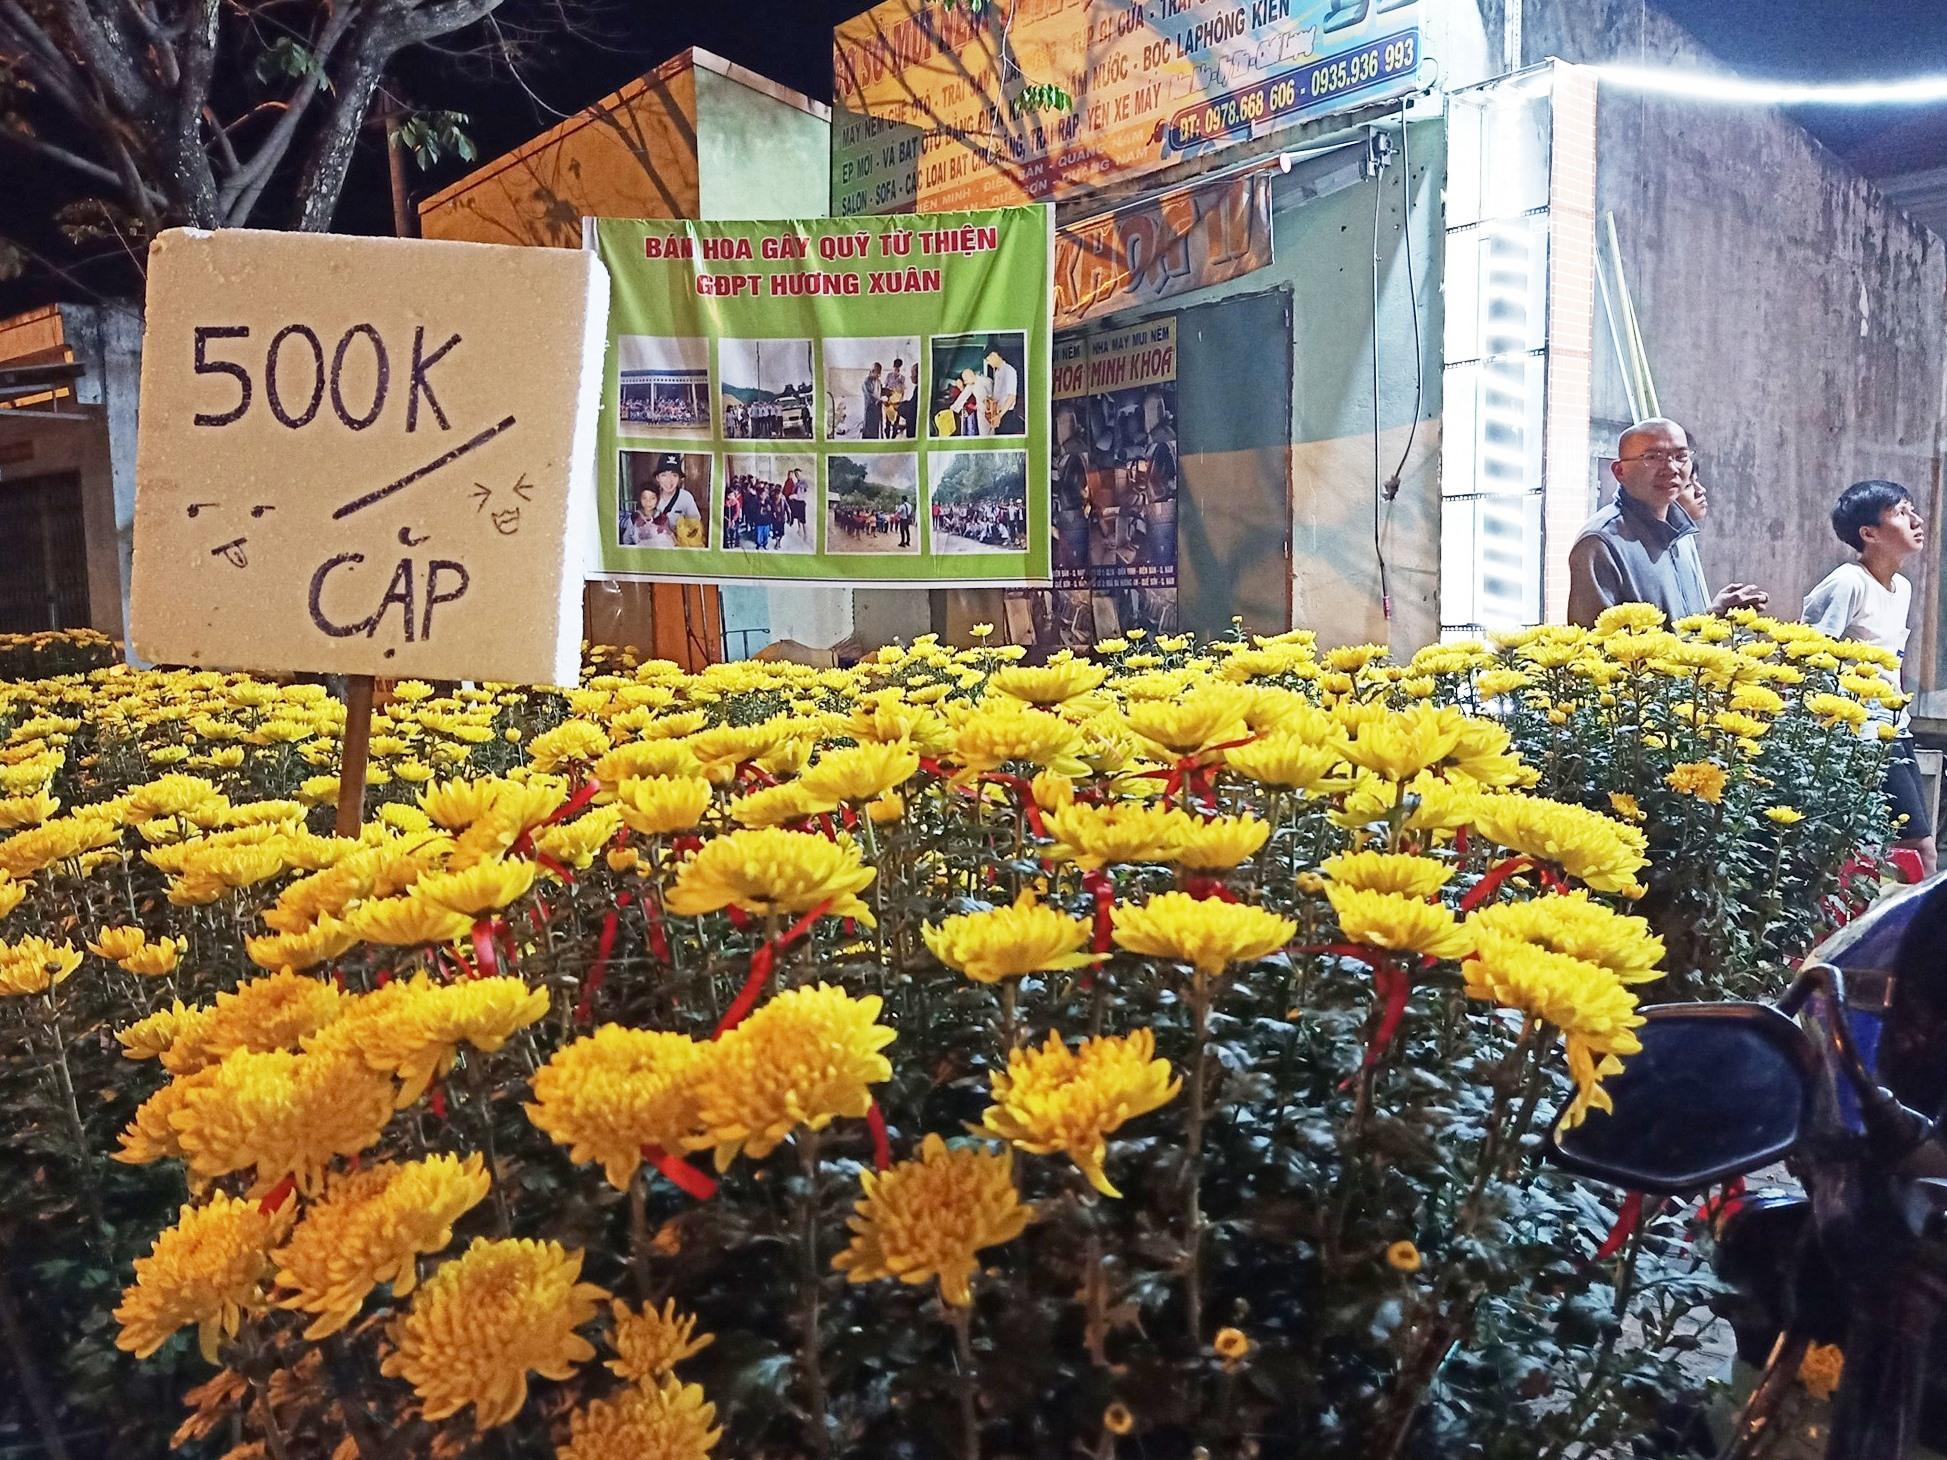 Điểm bán hoa gây quỹ từ thiện tại chùa Liên Hương (Quế Sơn) cũng vắng vẻ, đìu hiu về đêm sau mấy ngày trưng bày. Ảnh: H.LIÊN